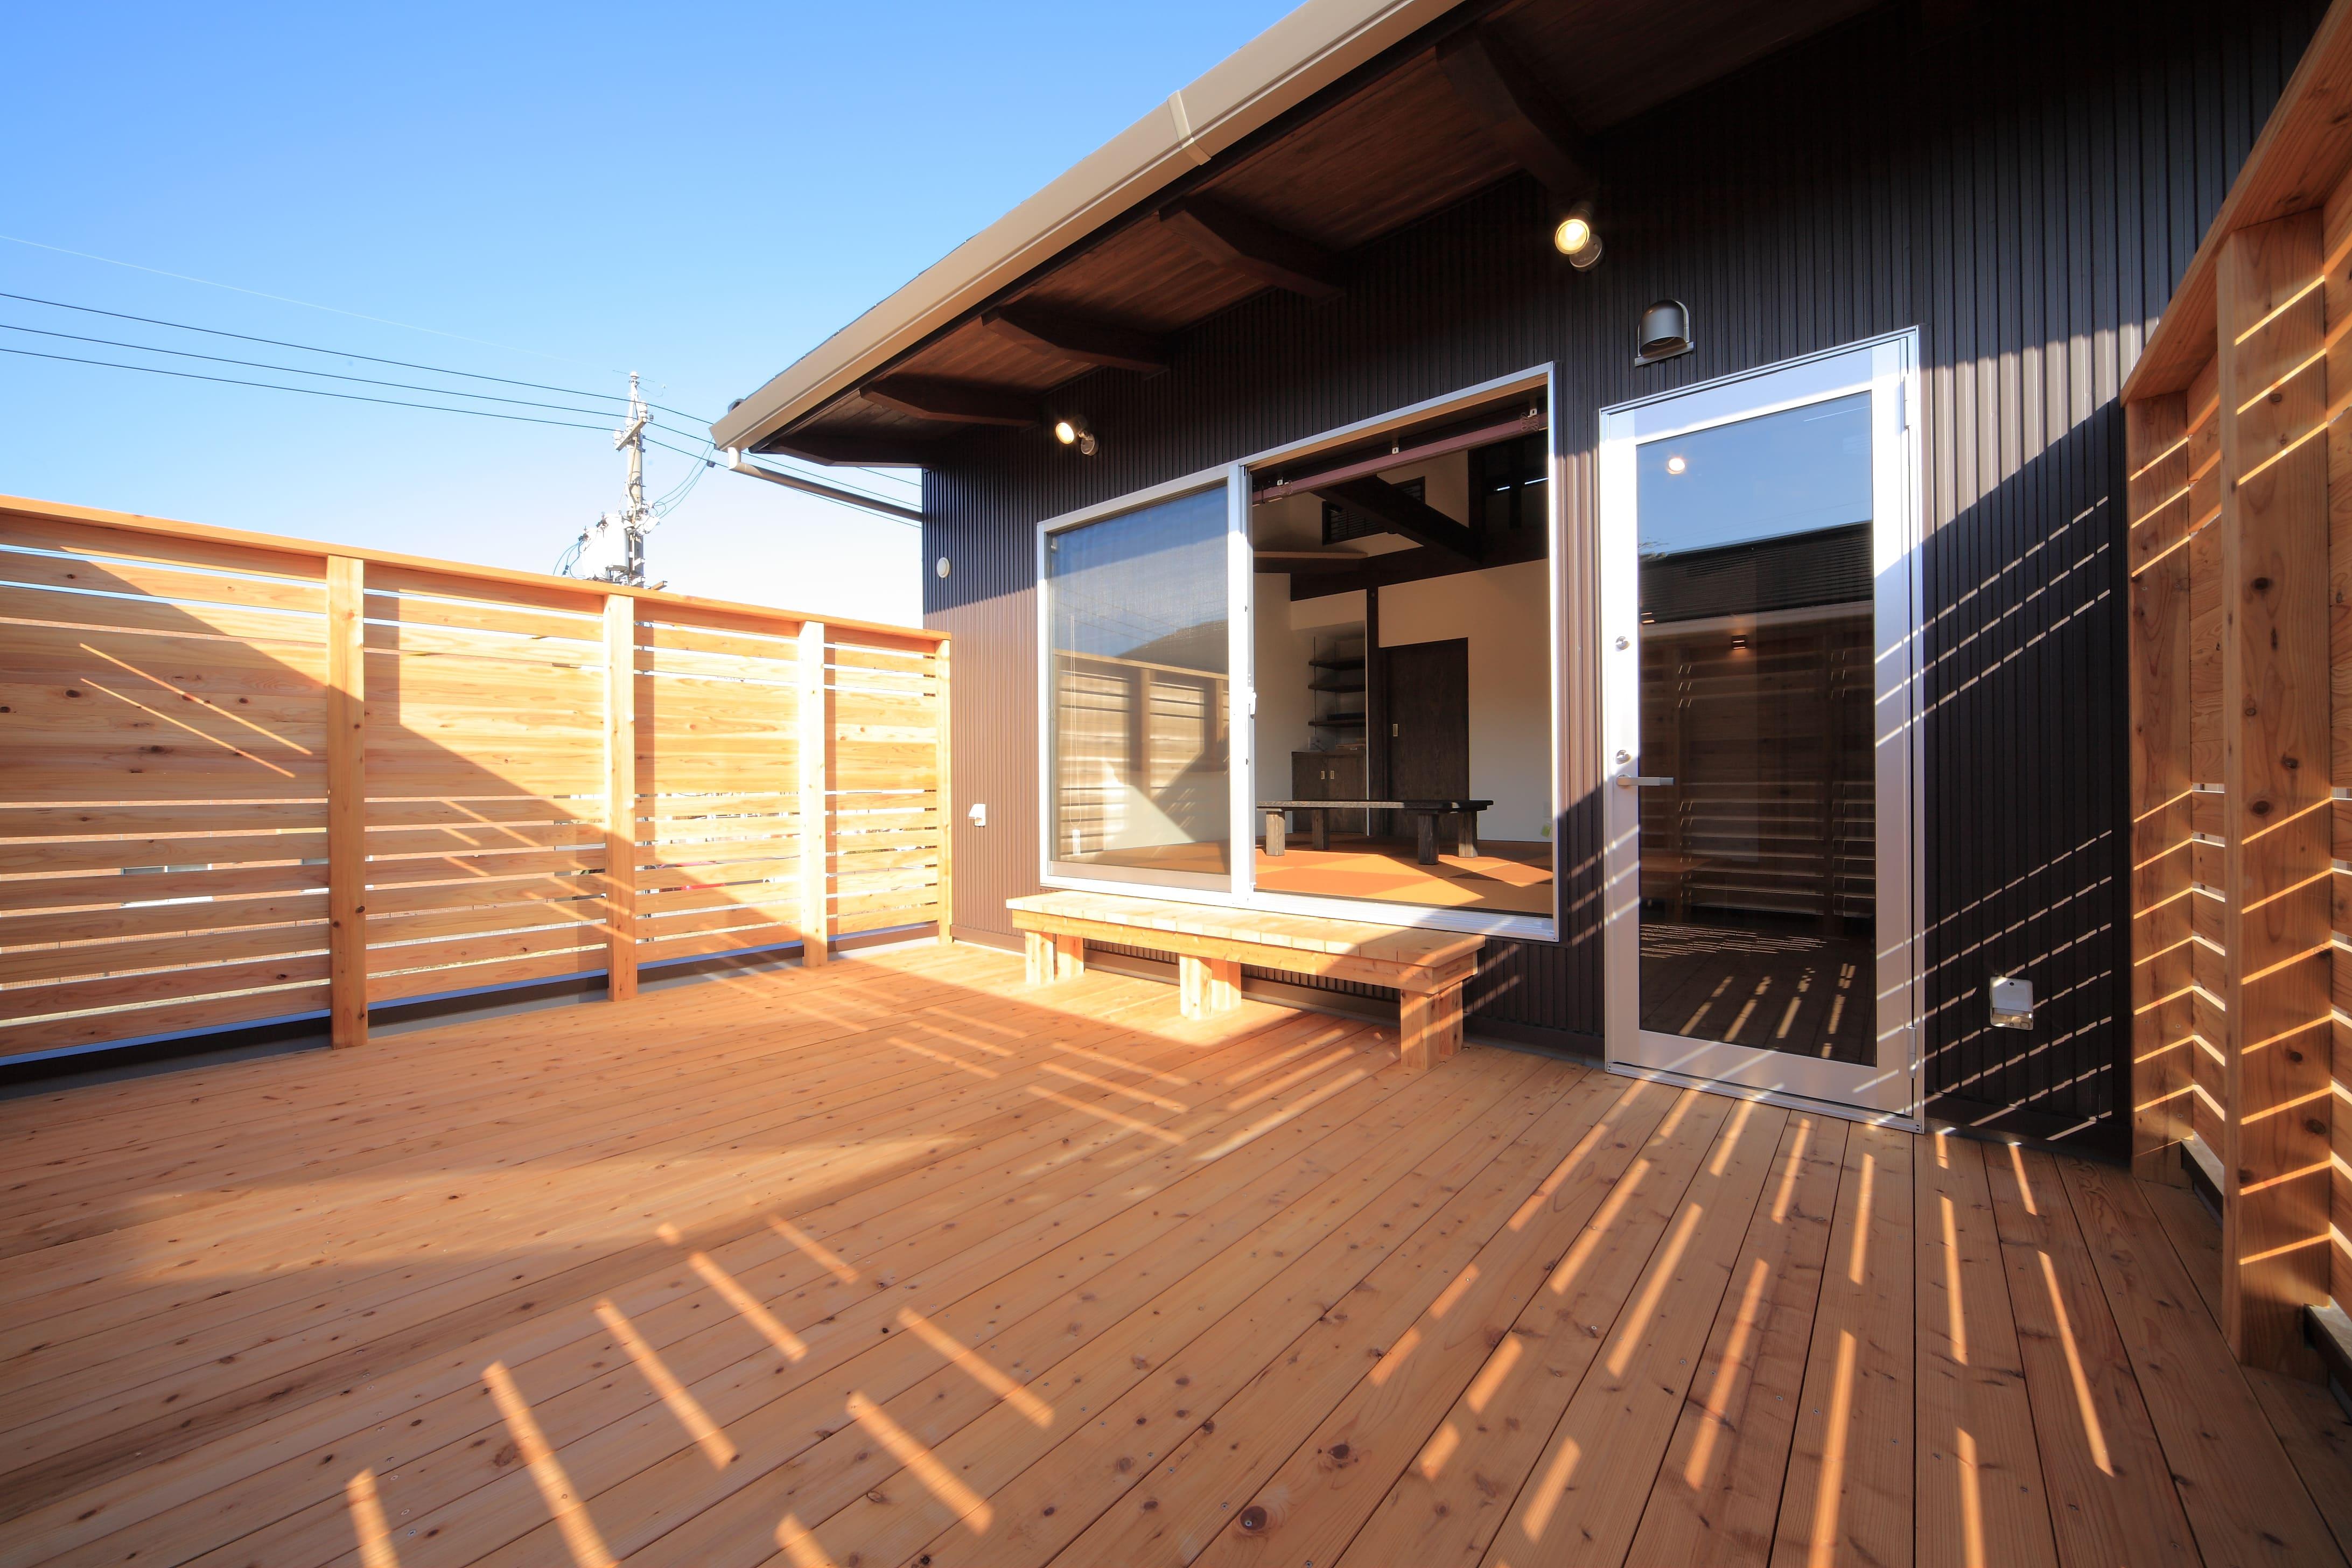 和モダンの家の屋上デッキ 星空も眺められる開放的な空間